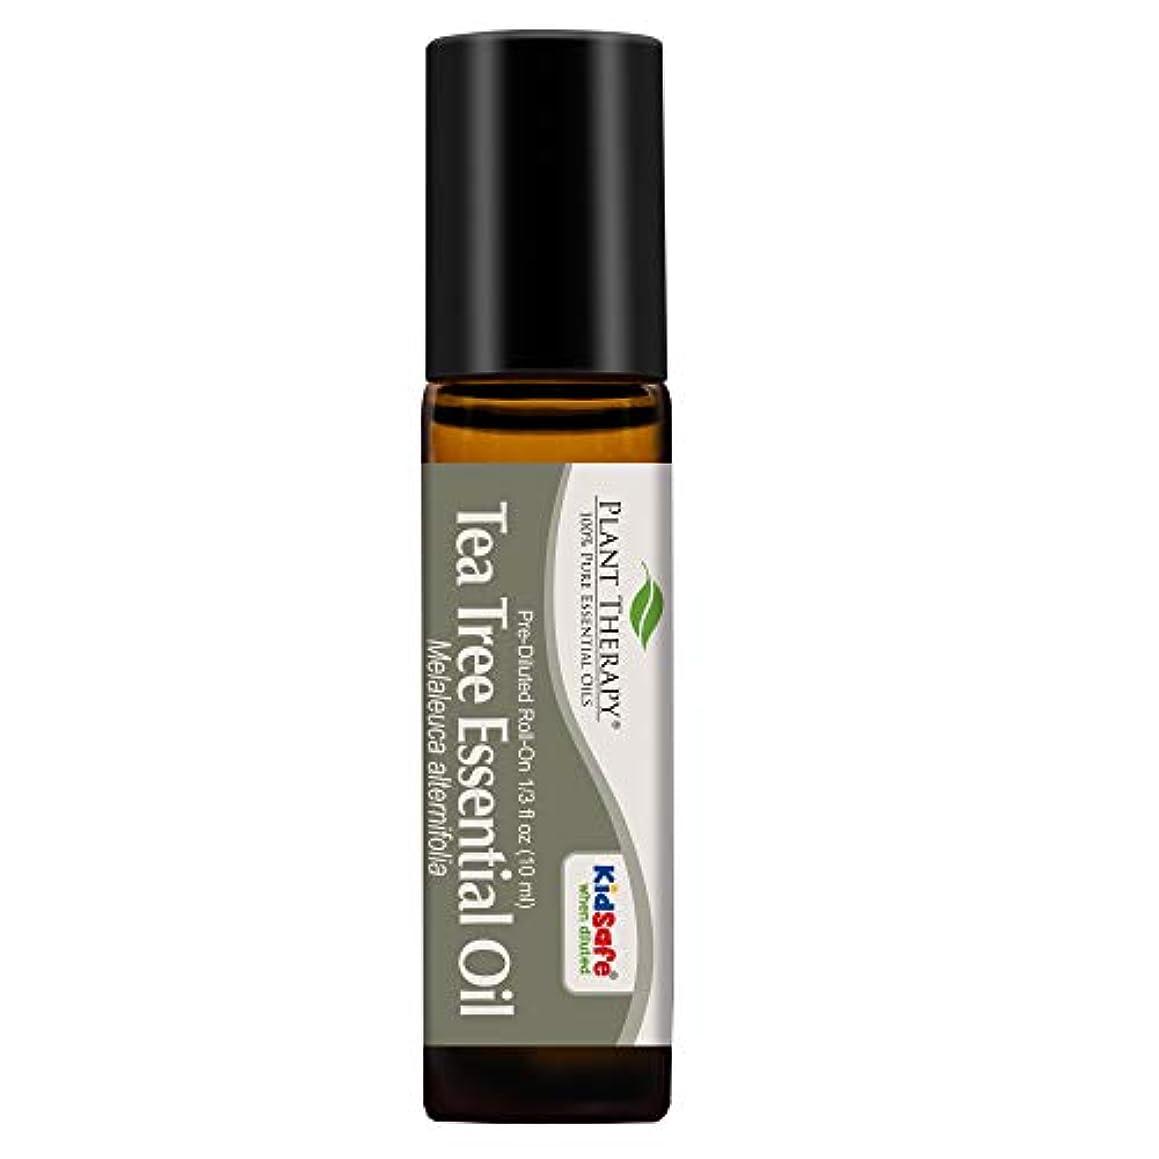 くちばし絶縁するインスタントPlant Therapy Tea Tree Pre-Diluted Roll-On 10 ml (1/3 fl oz) 100% Pure, Therapeutic Grade